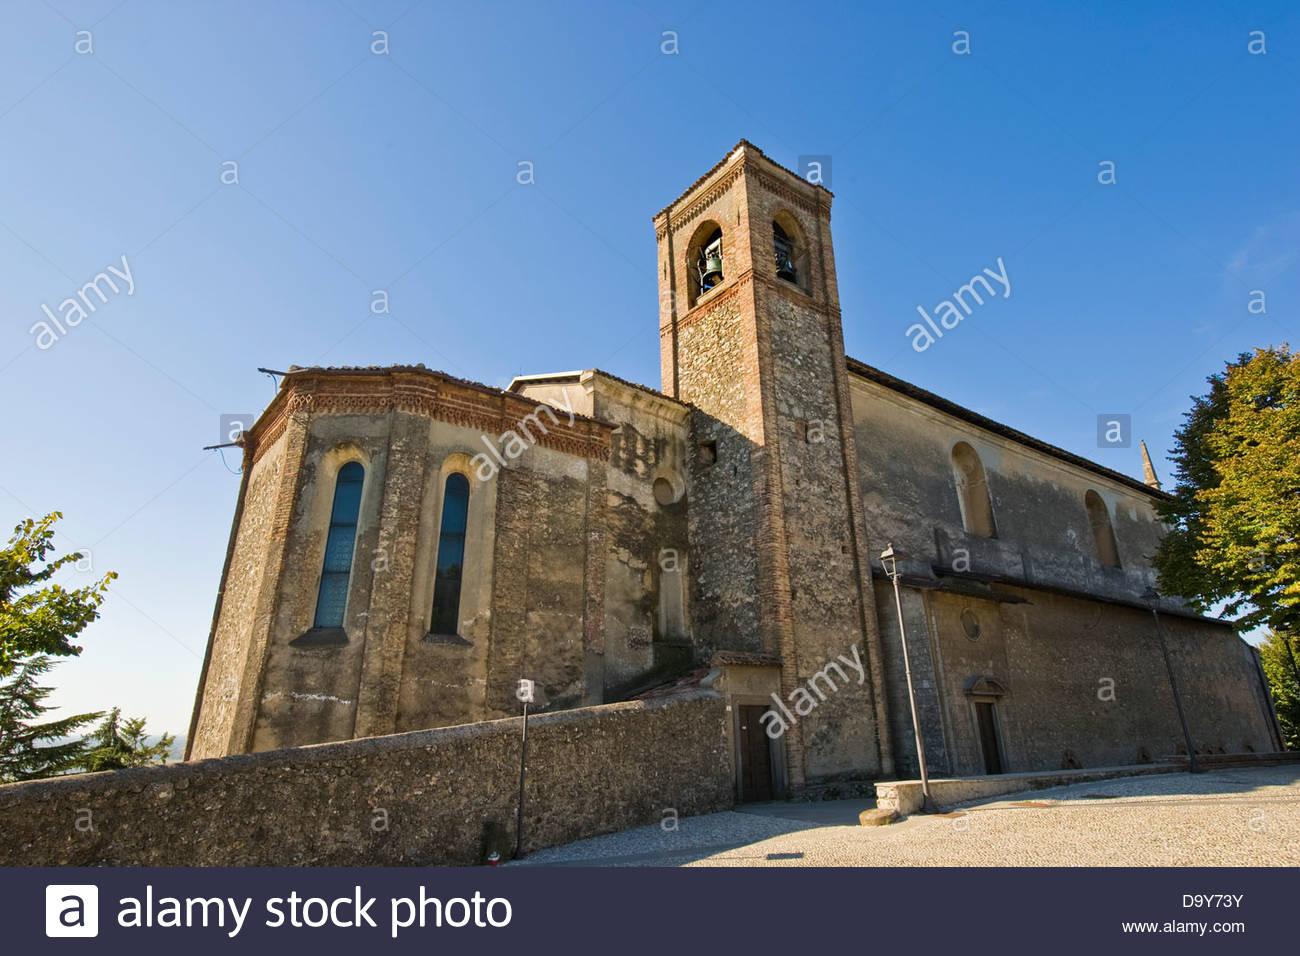 Convento dell'Annunciata,Convent of the Announced,Rovato,Franciacorta,Lombardy,Italy - Stock Image